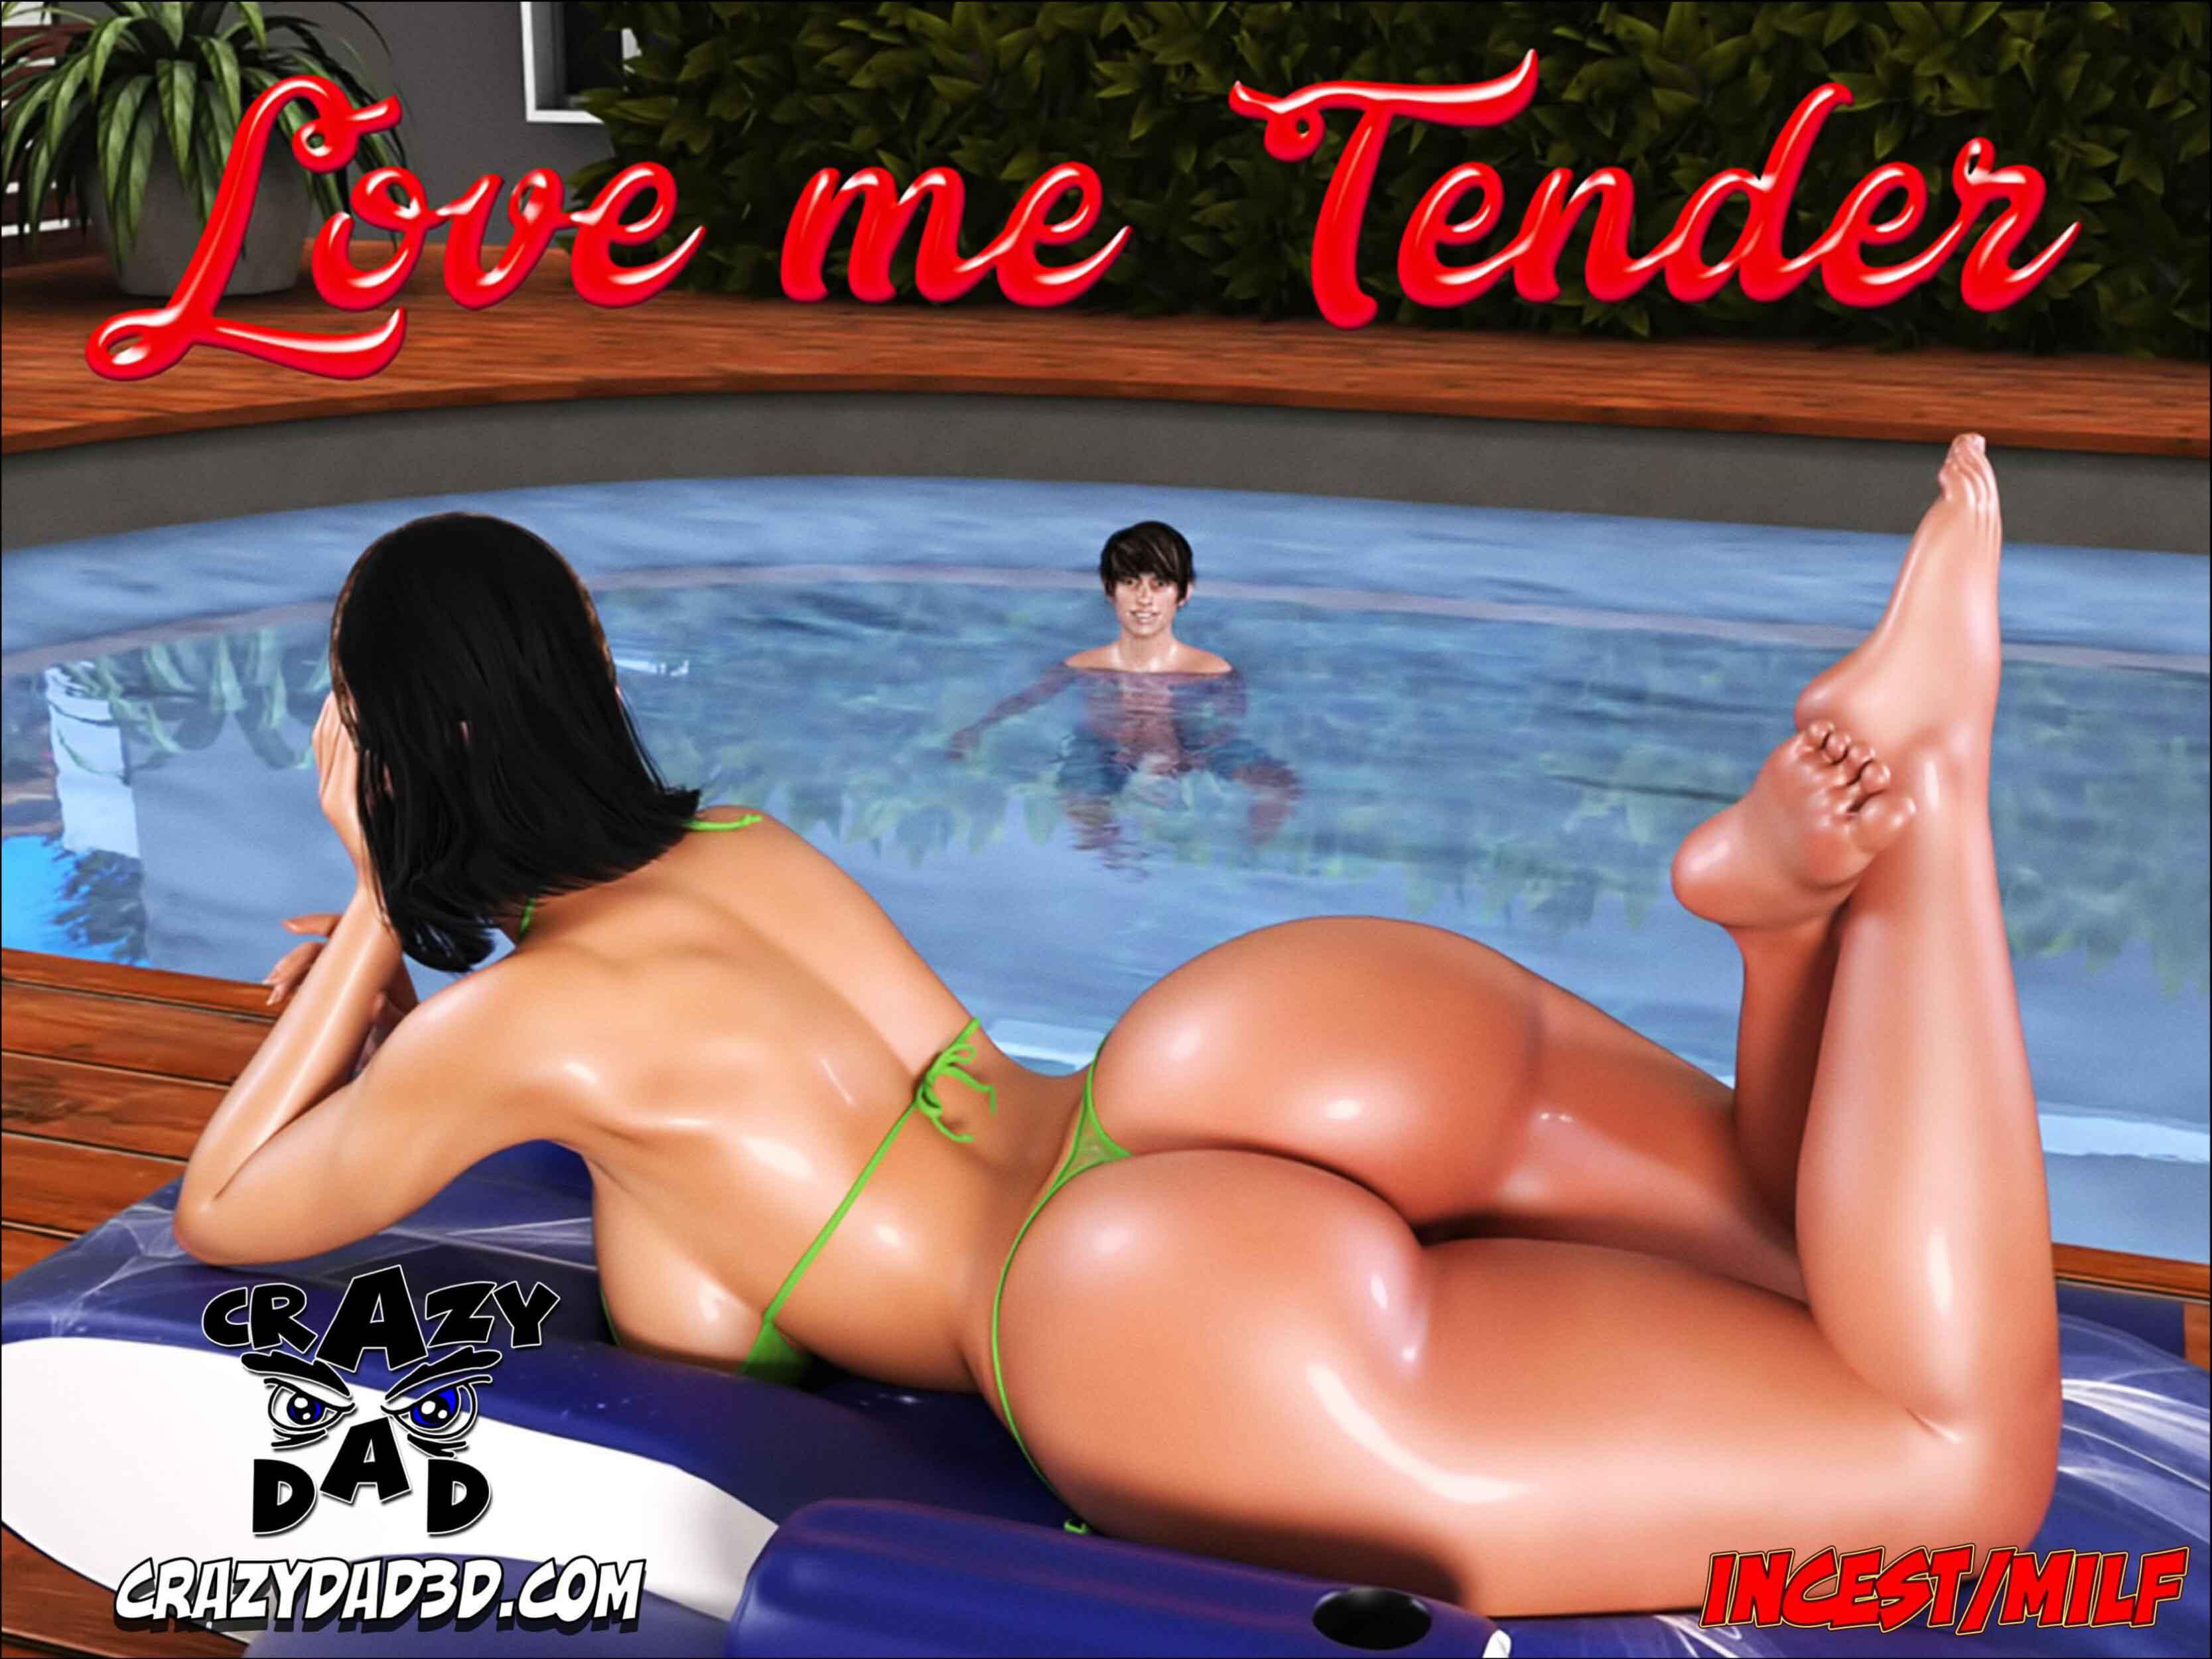 Love Me Tender 1